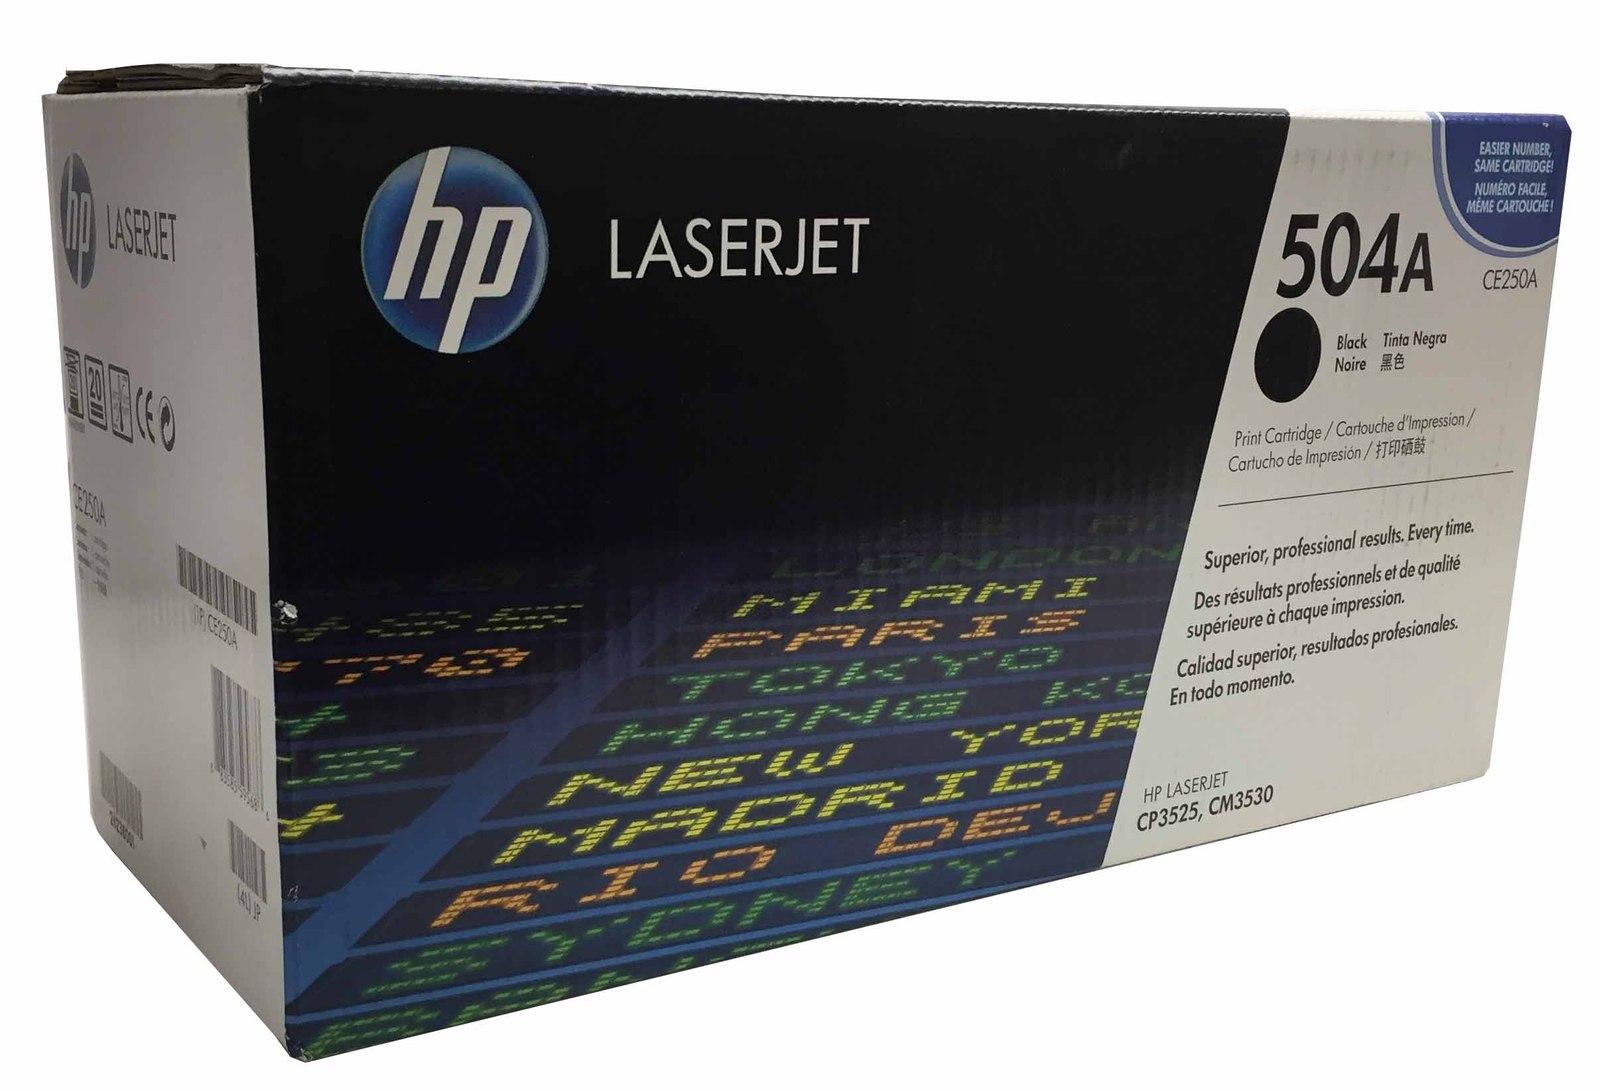 Hp laserjet 504a 1